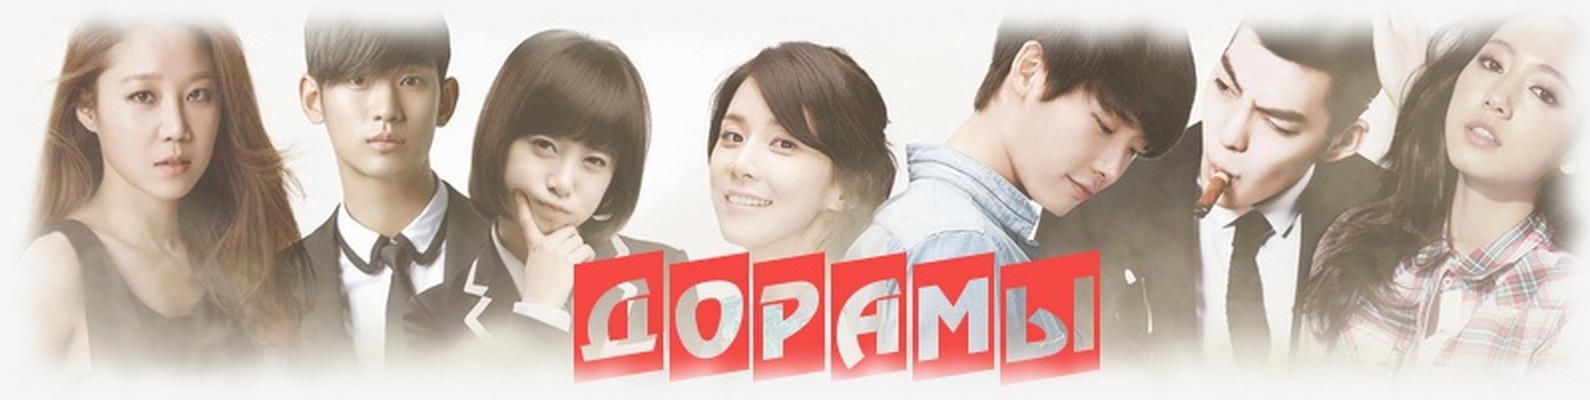 Картинки корейских сериалов с надписями, для влады